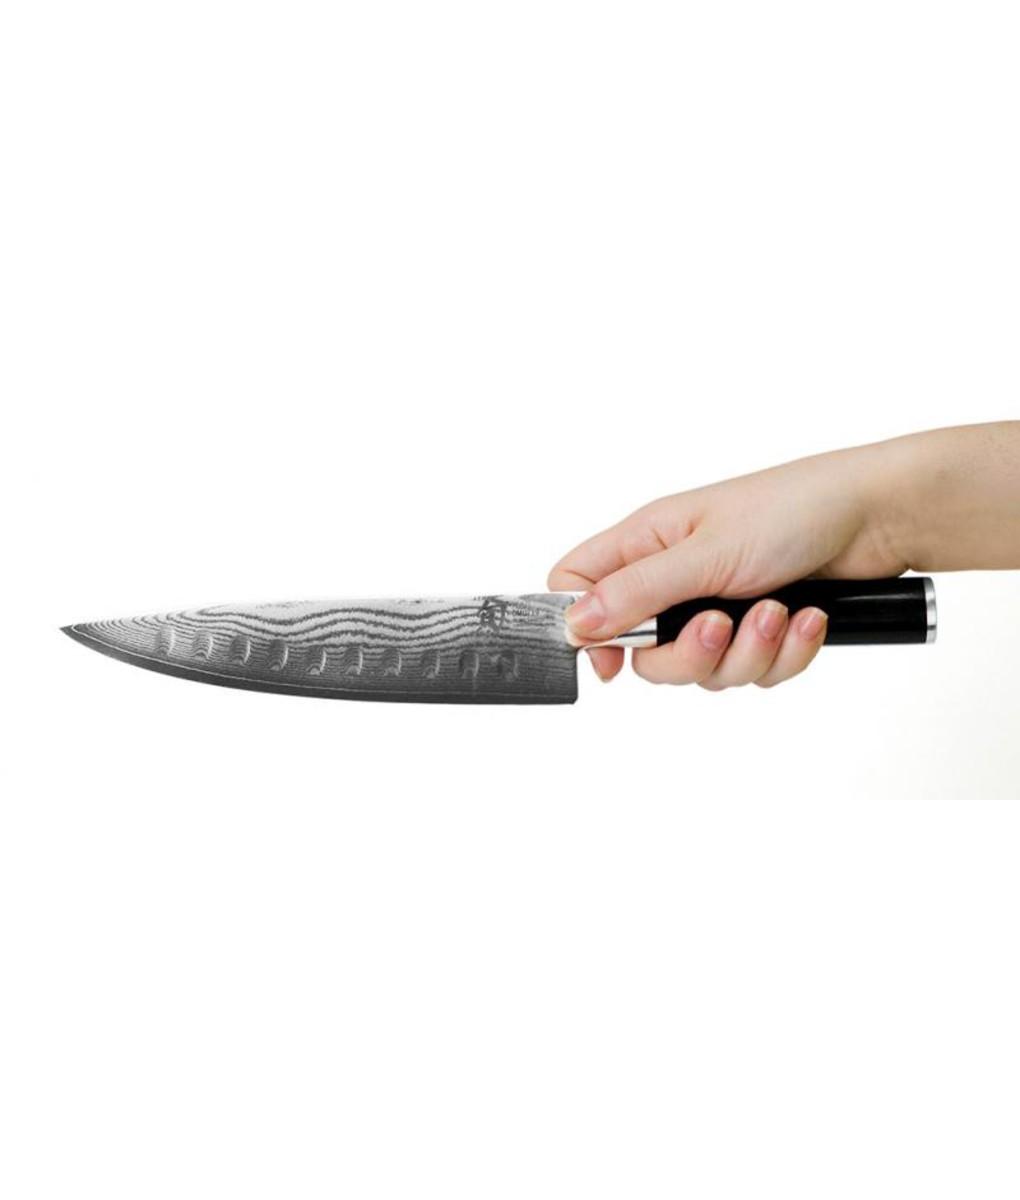 Shun Cooks Knife Scalloped Edge 20cm Johnson S Est